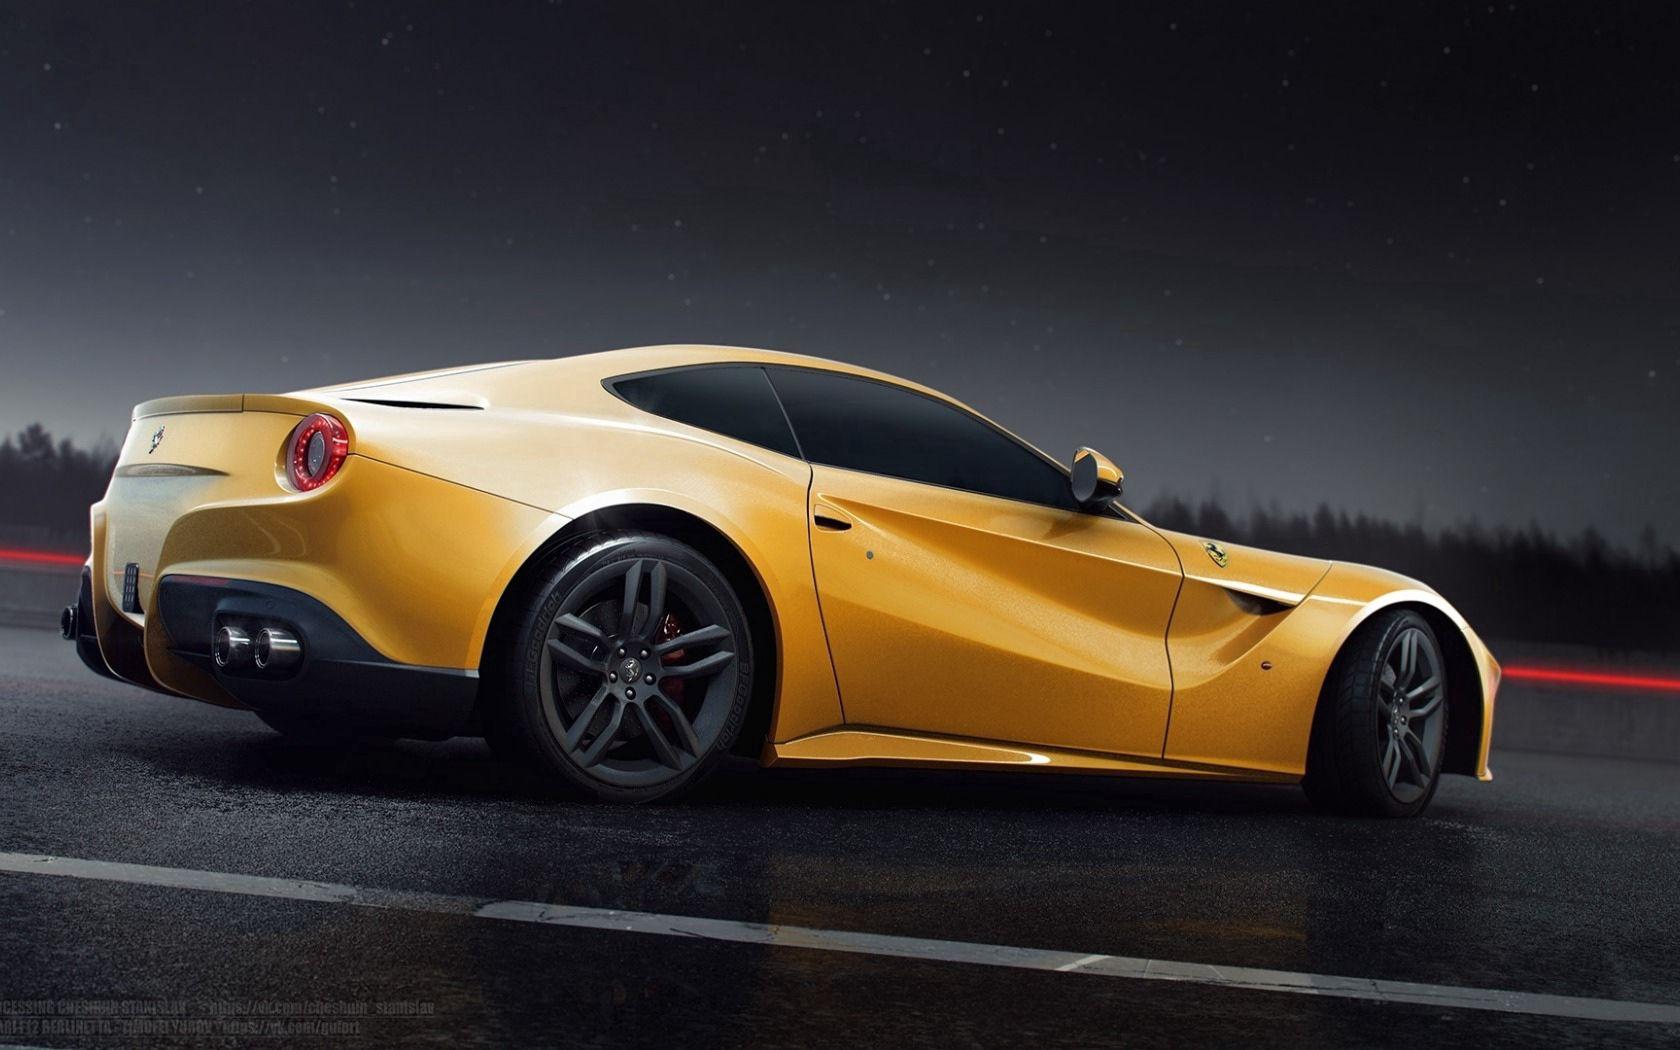 102130 Hintergrundbild 240x400 kostenlos auf deinem Handy, lade Bilder Ferrari, Cars, Seitenansicht, Berlinetta, F12 240x400 auf dein Handy herunter